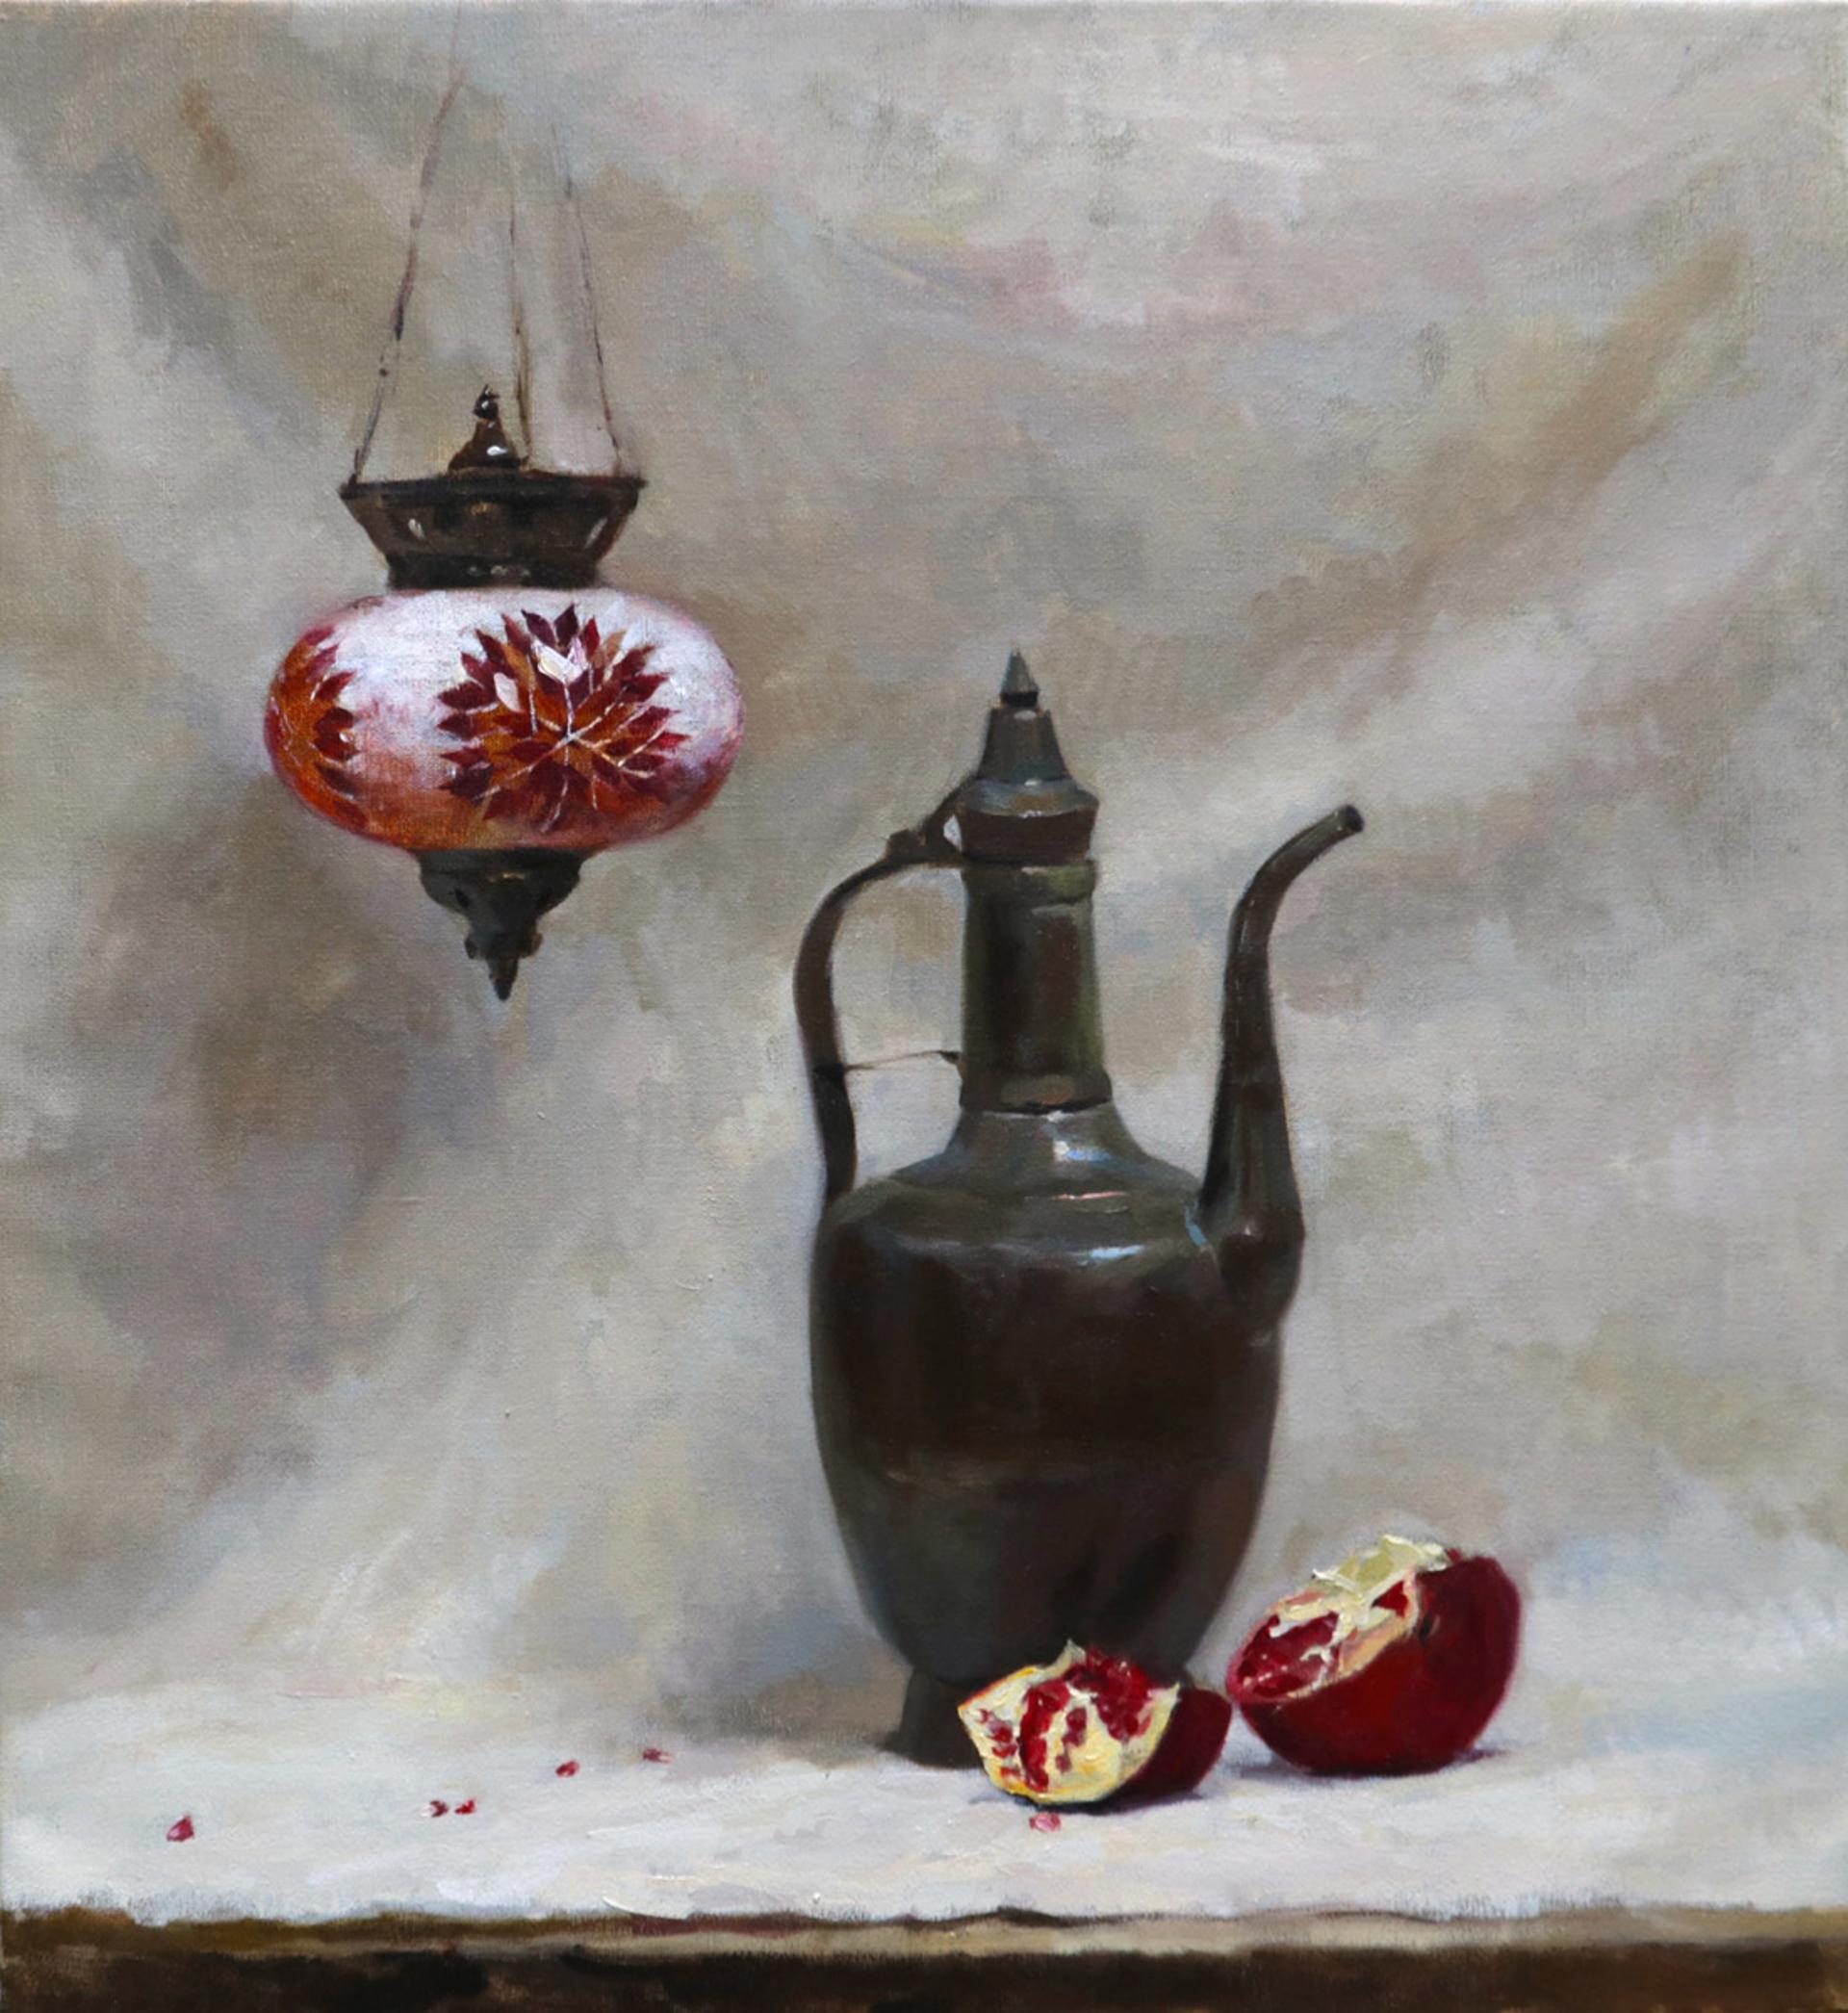 Moroccan Corner by Tanvi Pathare